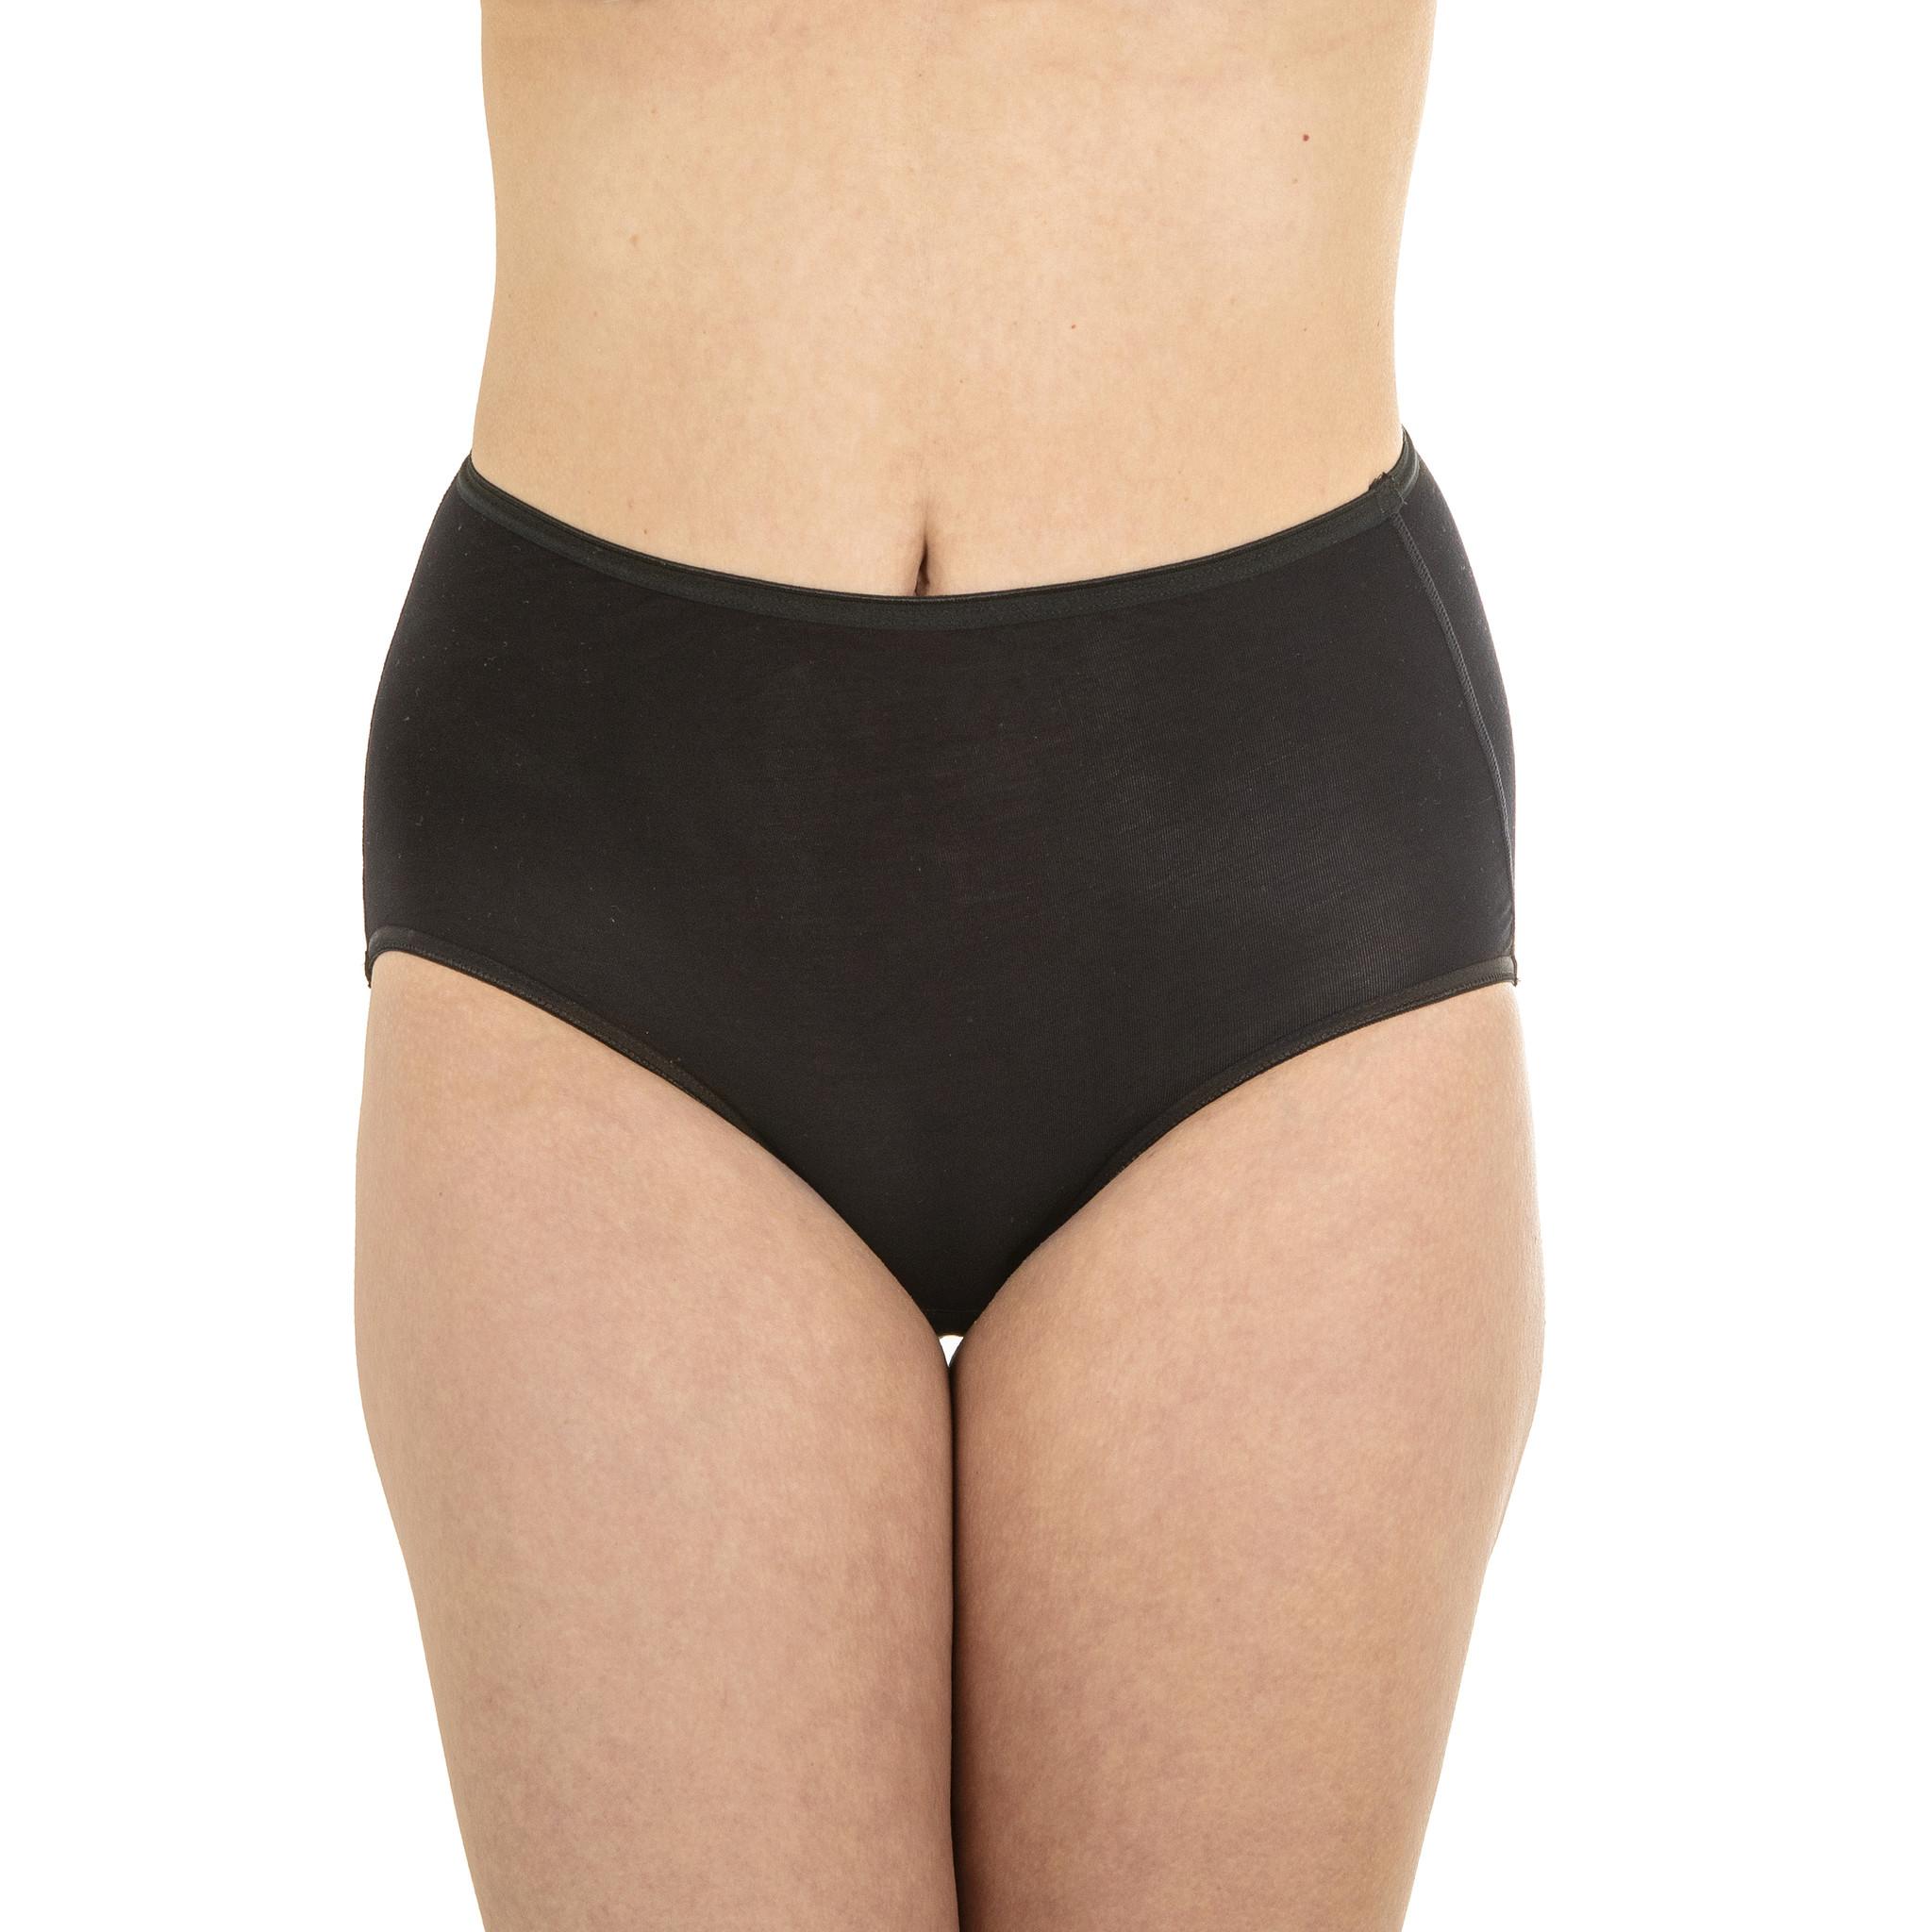 Swaens Bamboo Underwear Swaens Comfort schwarz